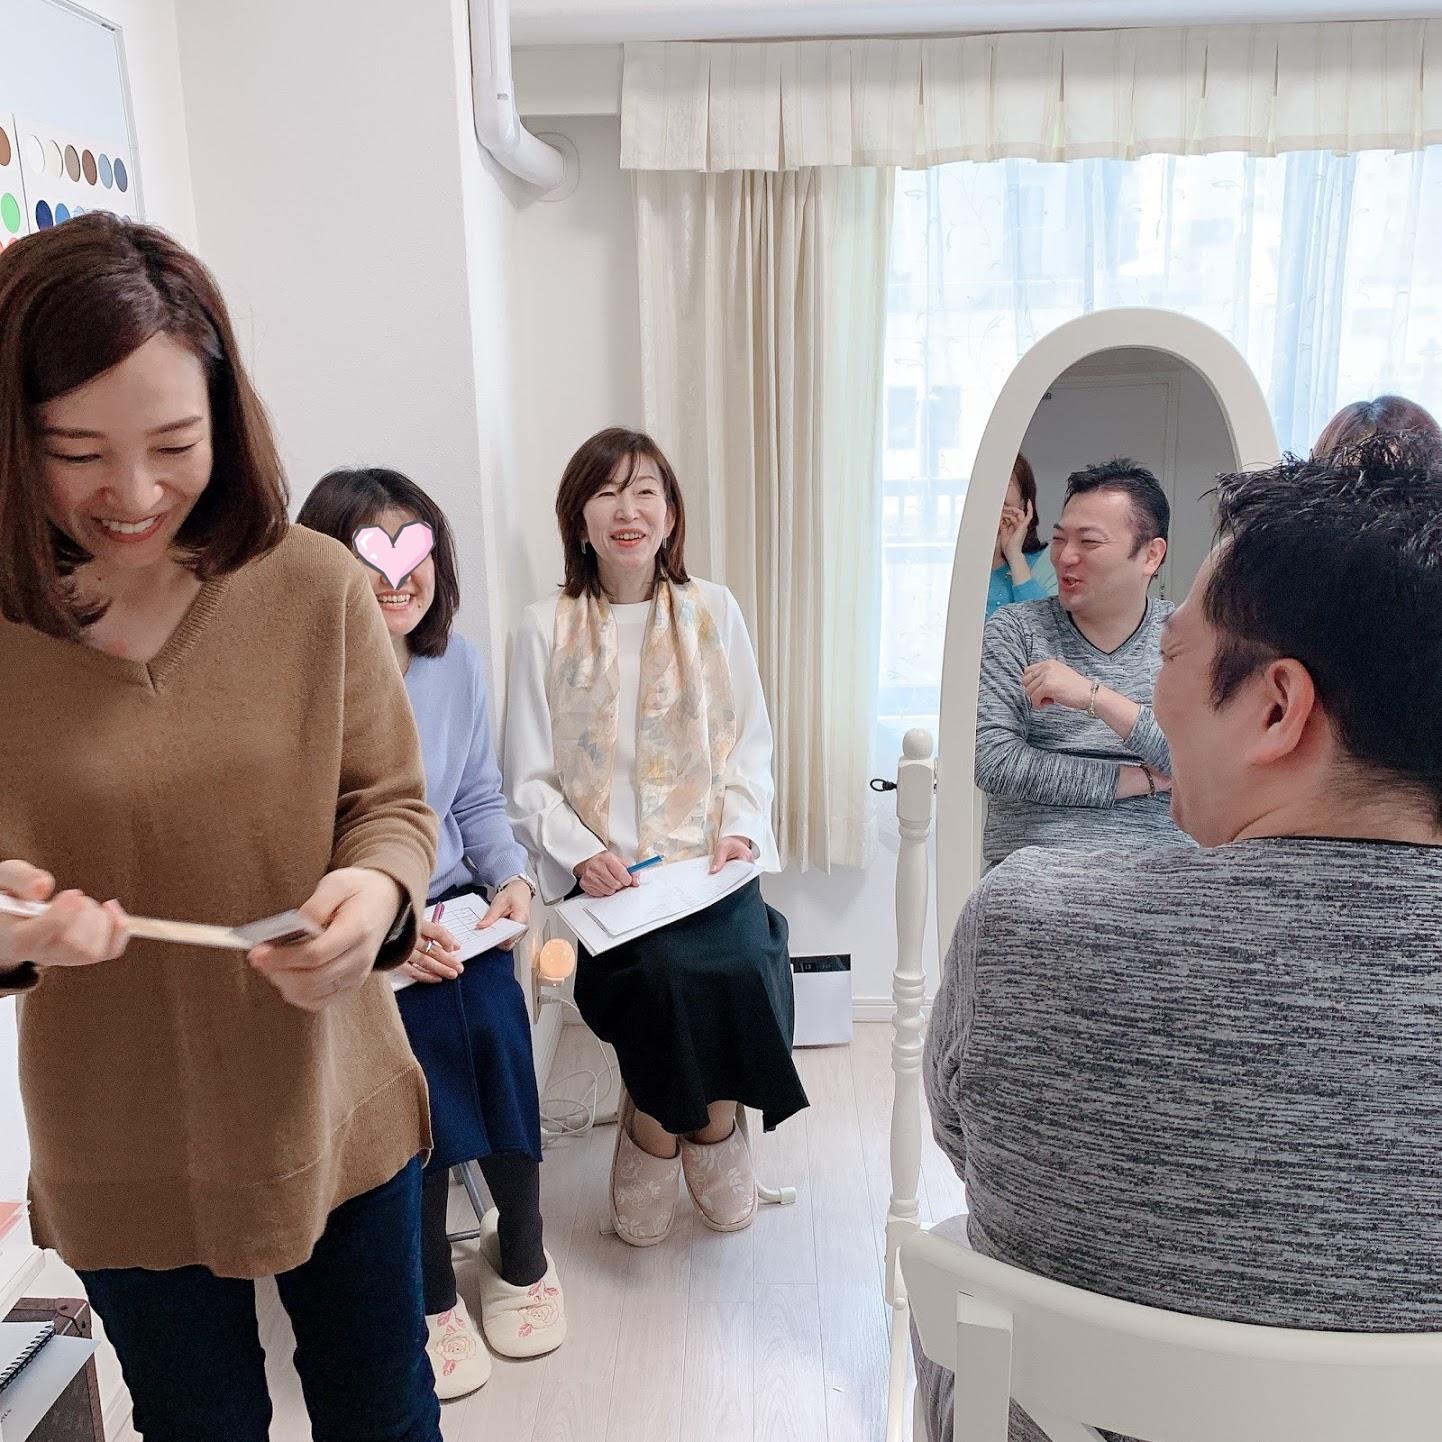 東京・青山のパーソナルカラー診断、骨格診断、メイクアップレッスンなら海保麻里子のサロン・ド・ルミエール